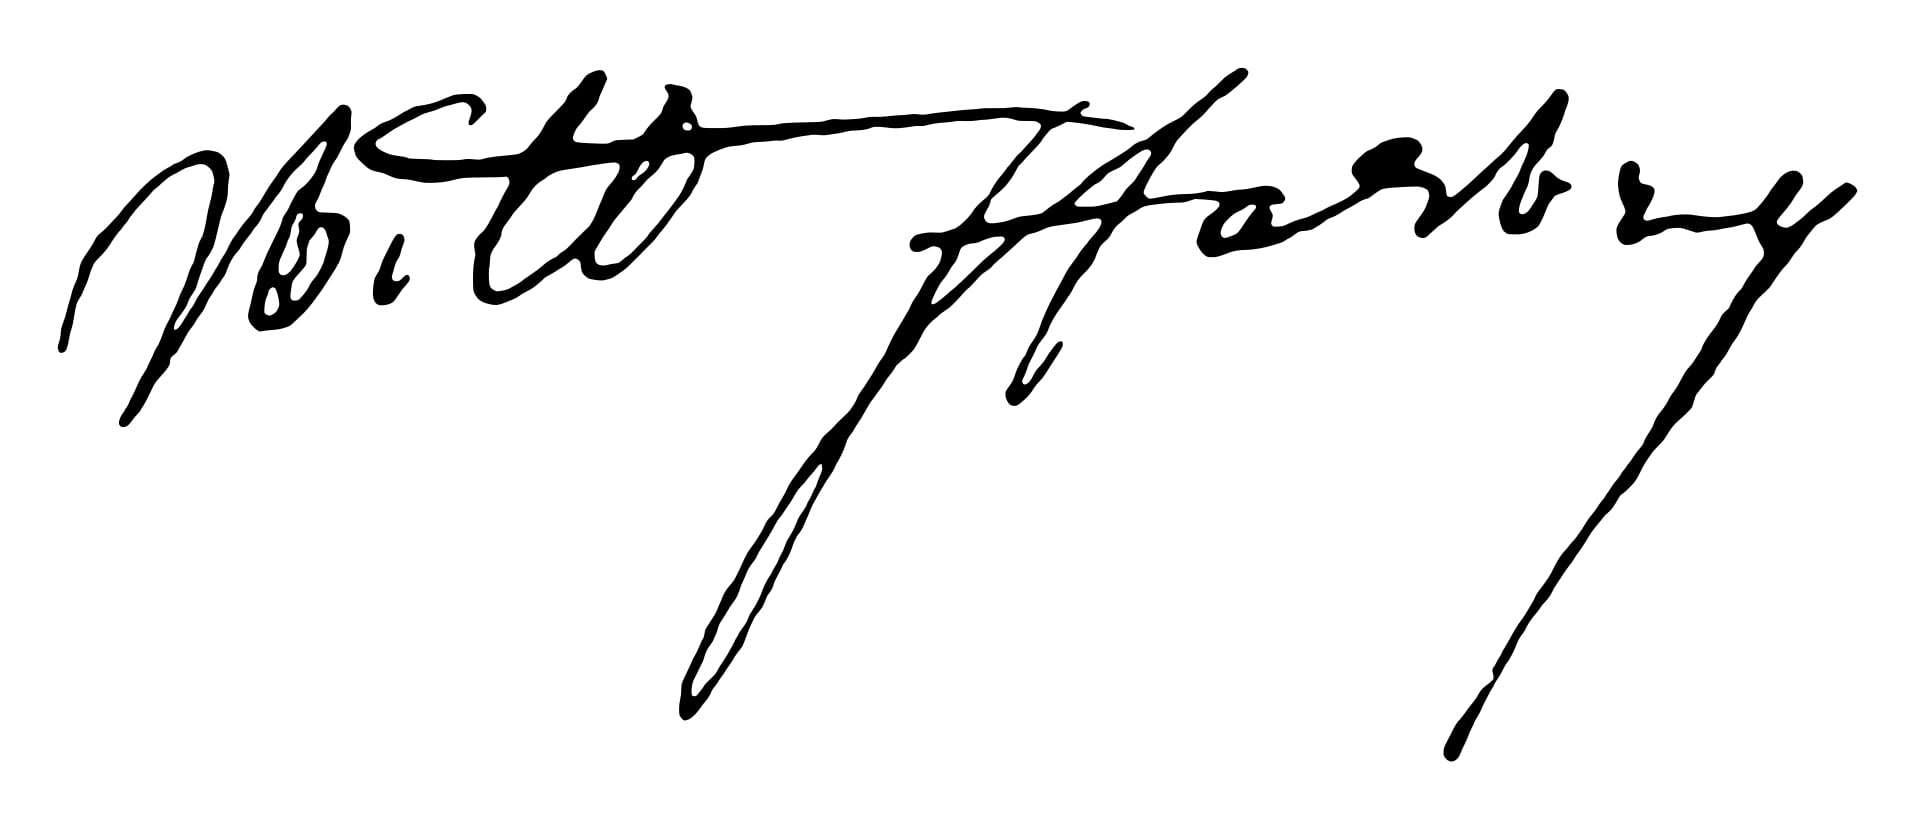 William Harvey Signature